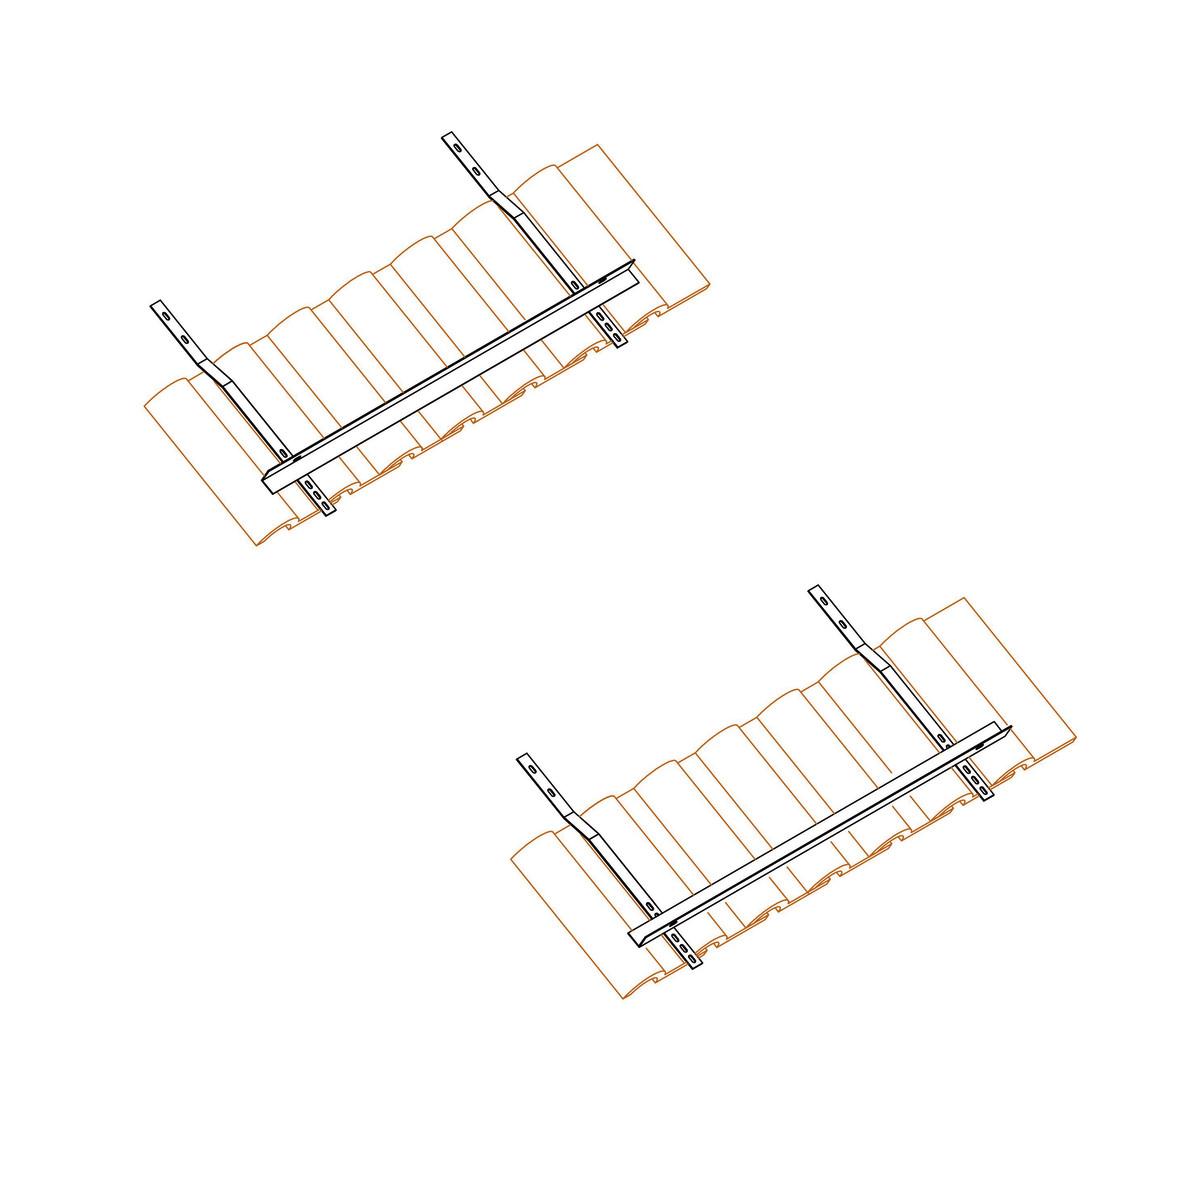 Valvola Termostatica Per Pannello Solare Prezzo : ᐅ valvola termostatica solare termico al miglior prezzo